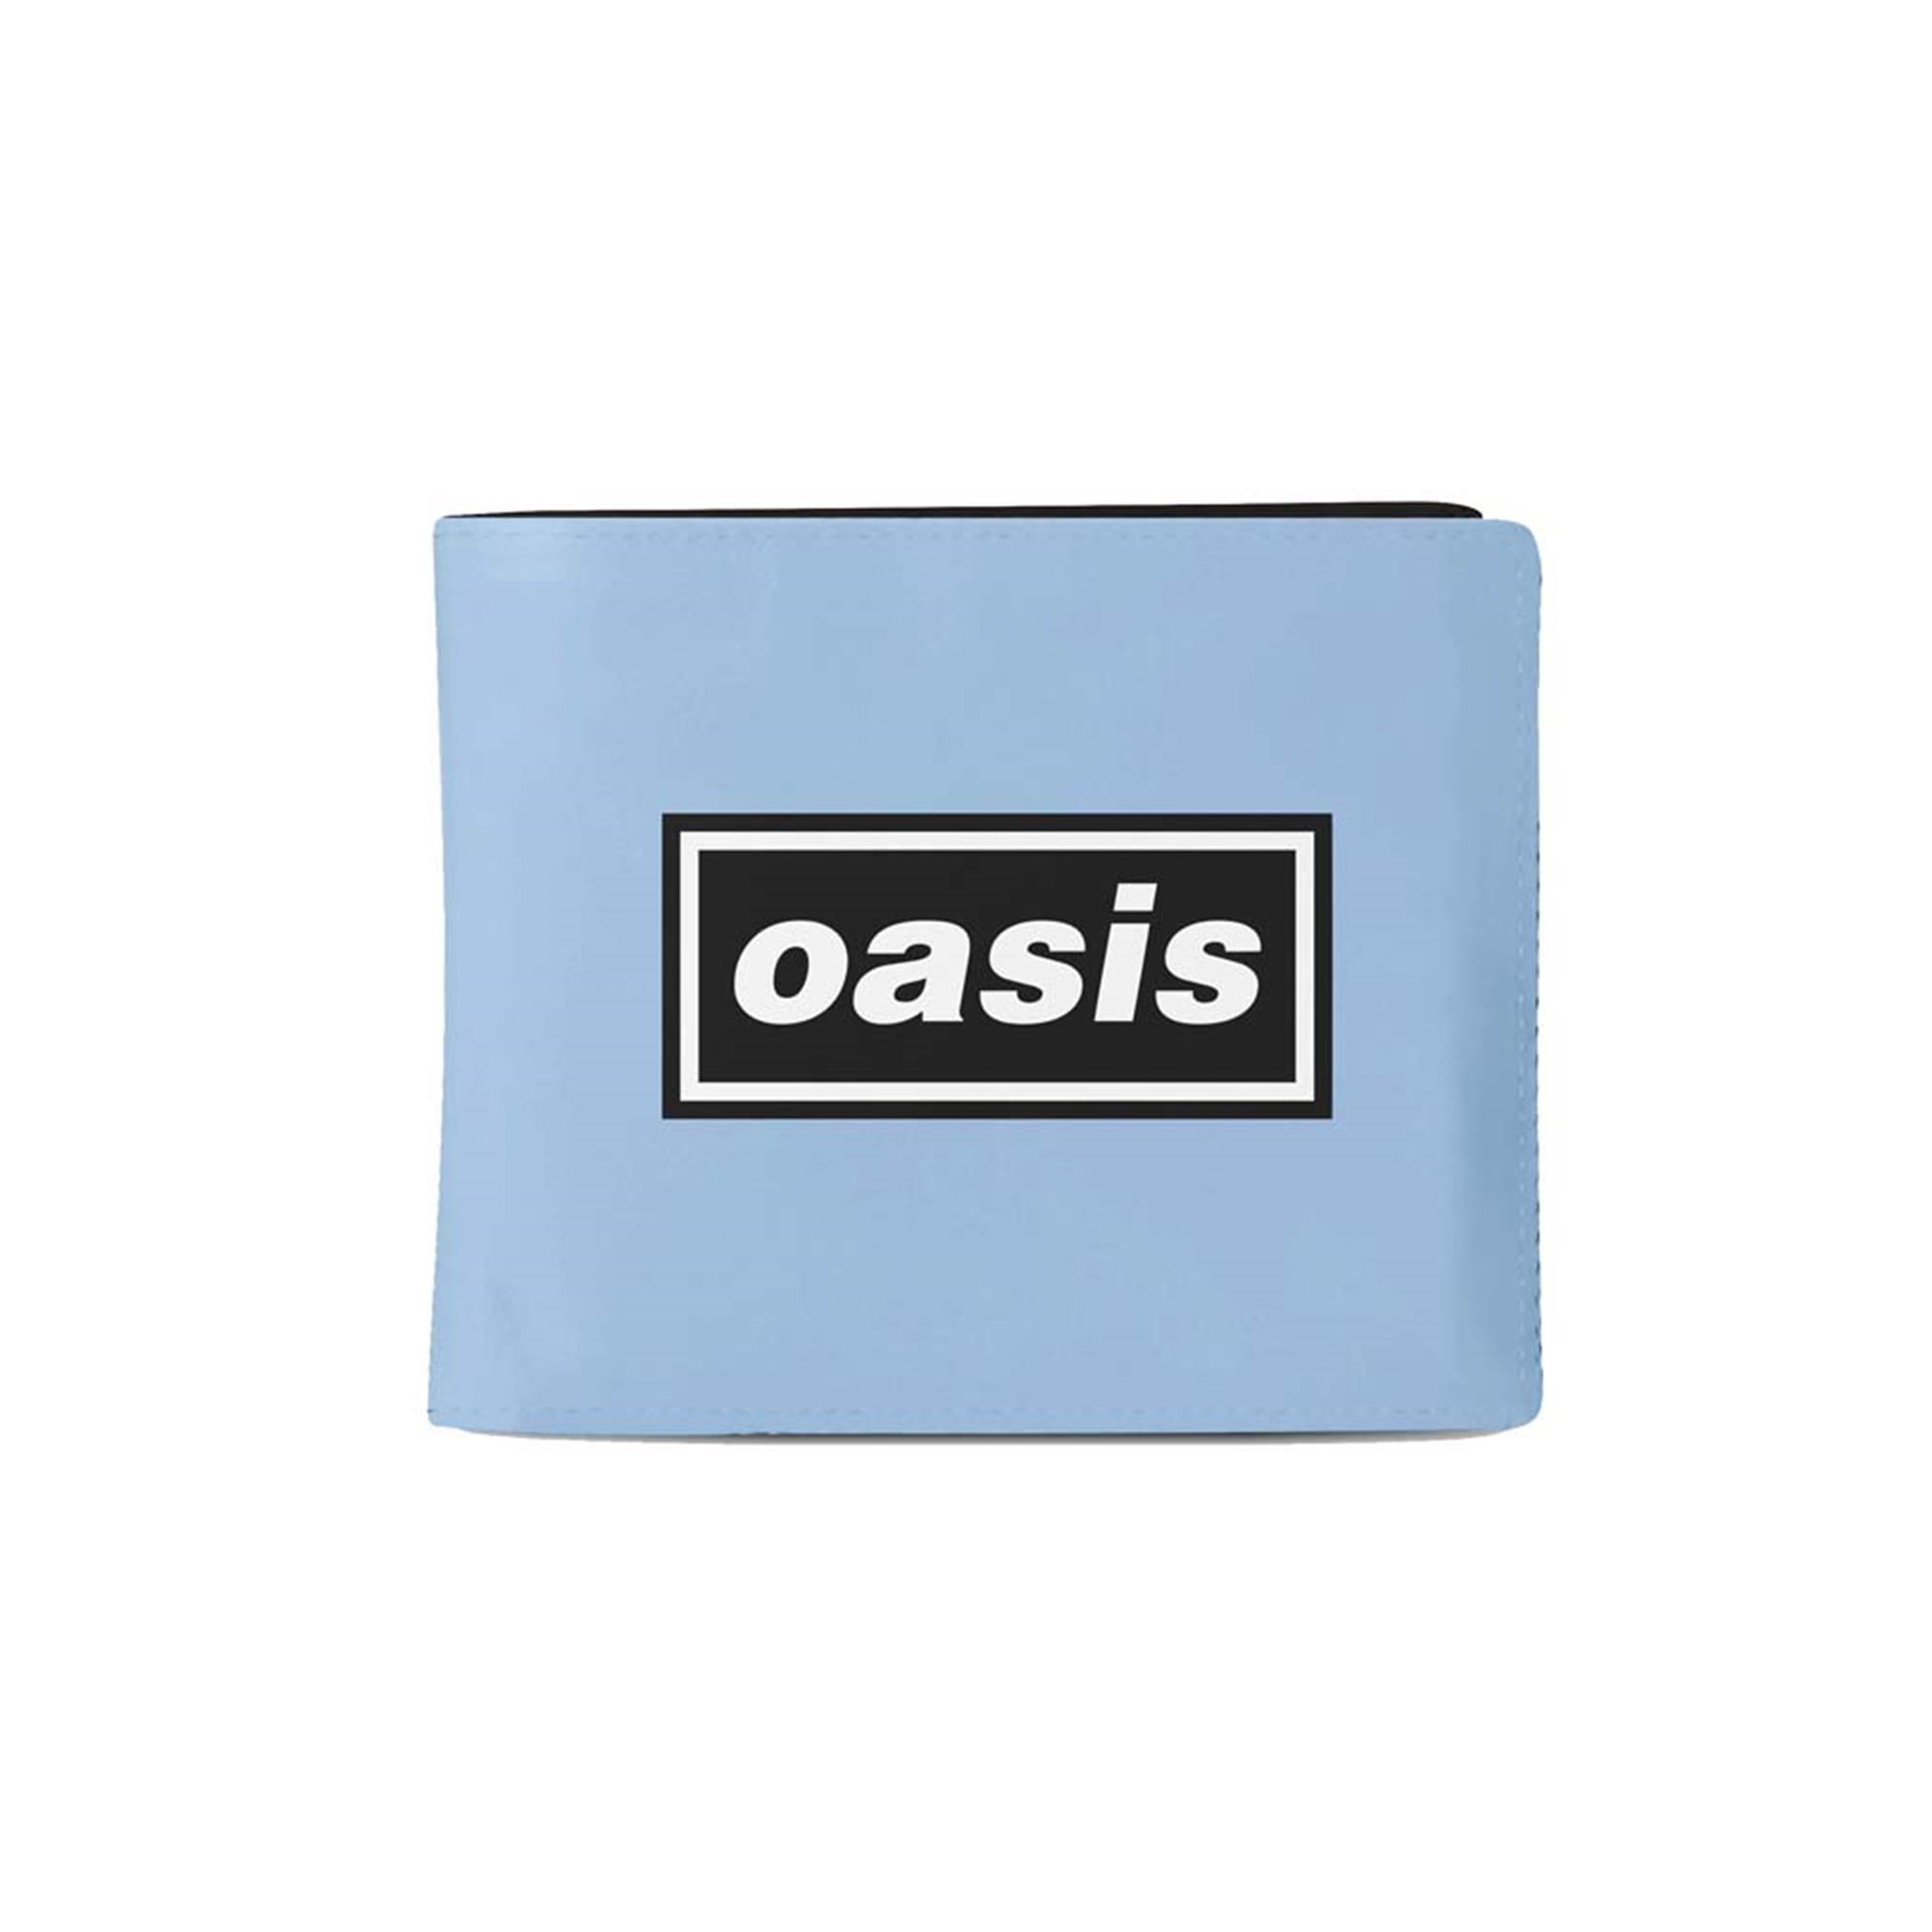 Oasis Blue Moon Wallet